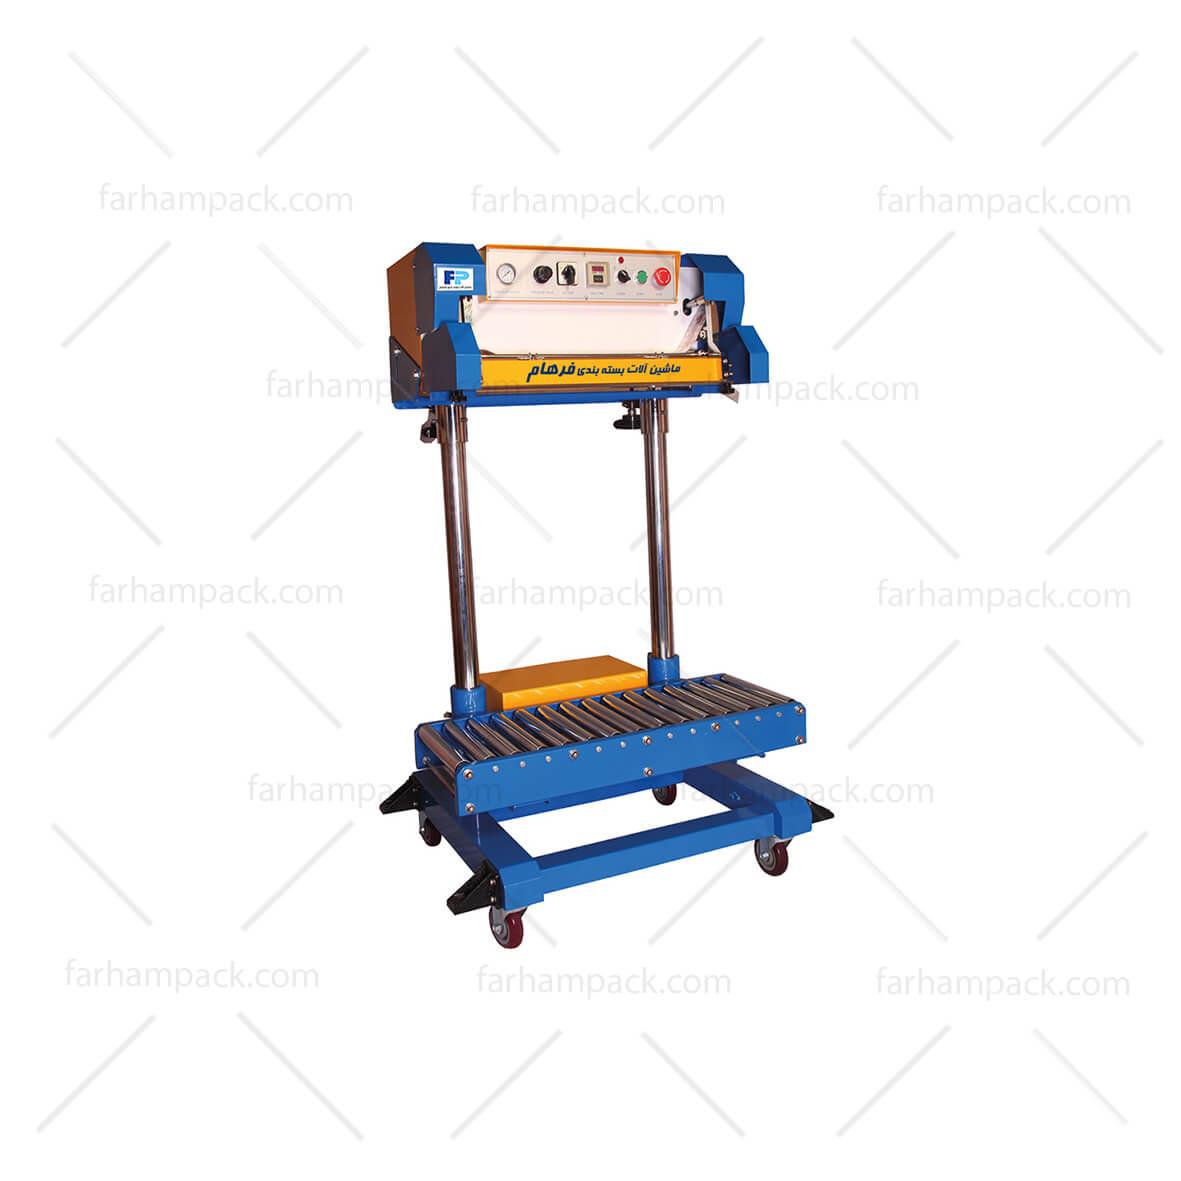 دستگاه سیل دوخت سرکیسه حرارتی-دستگاه بسته بندی سیل-قیمت دستگاه بسته بندی سیل